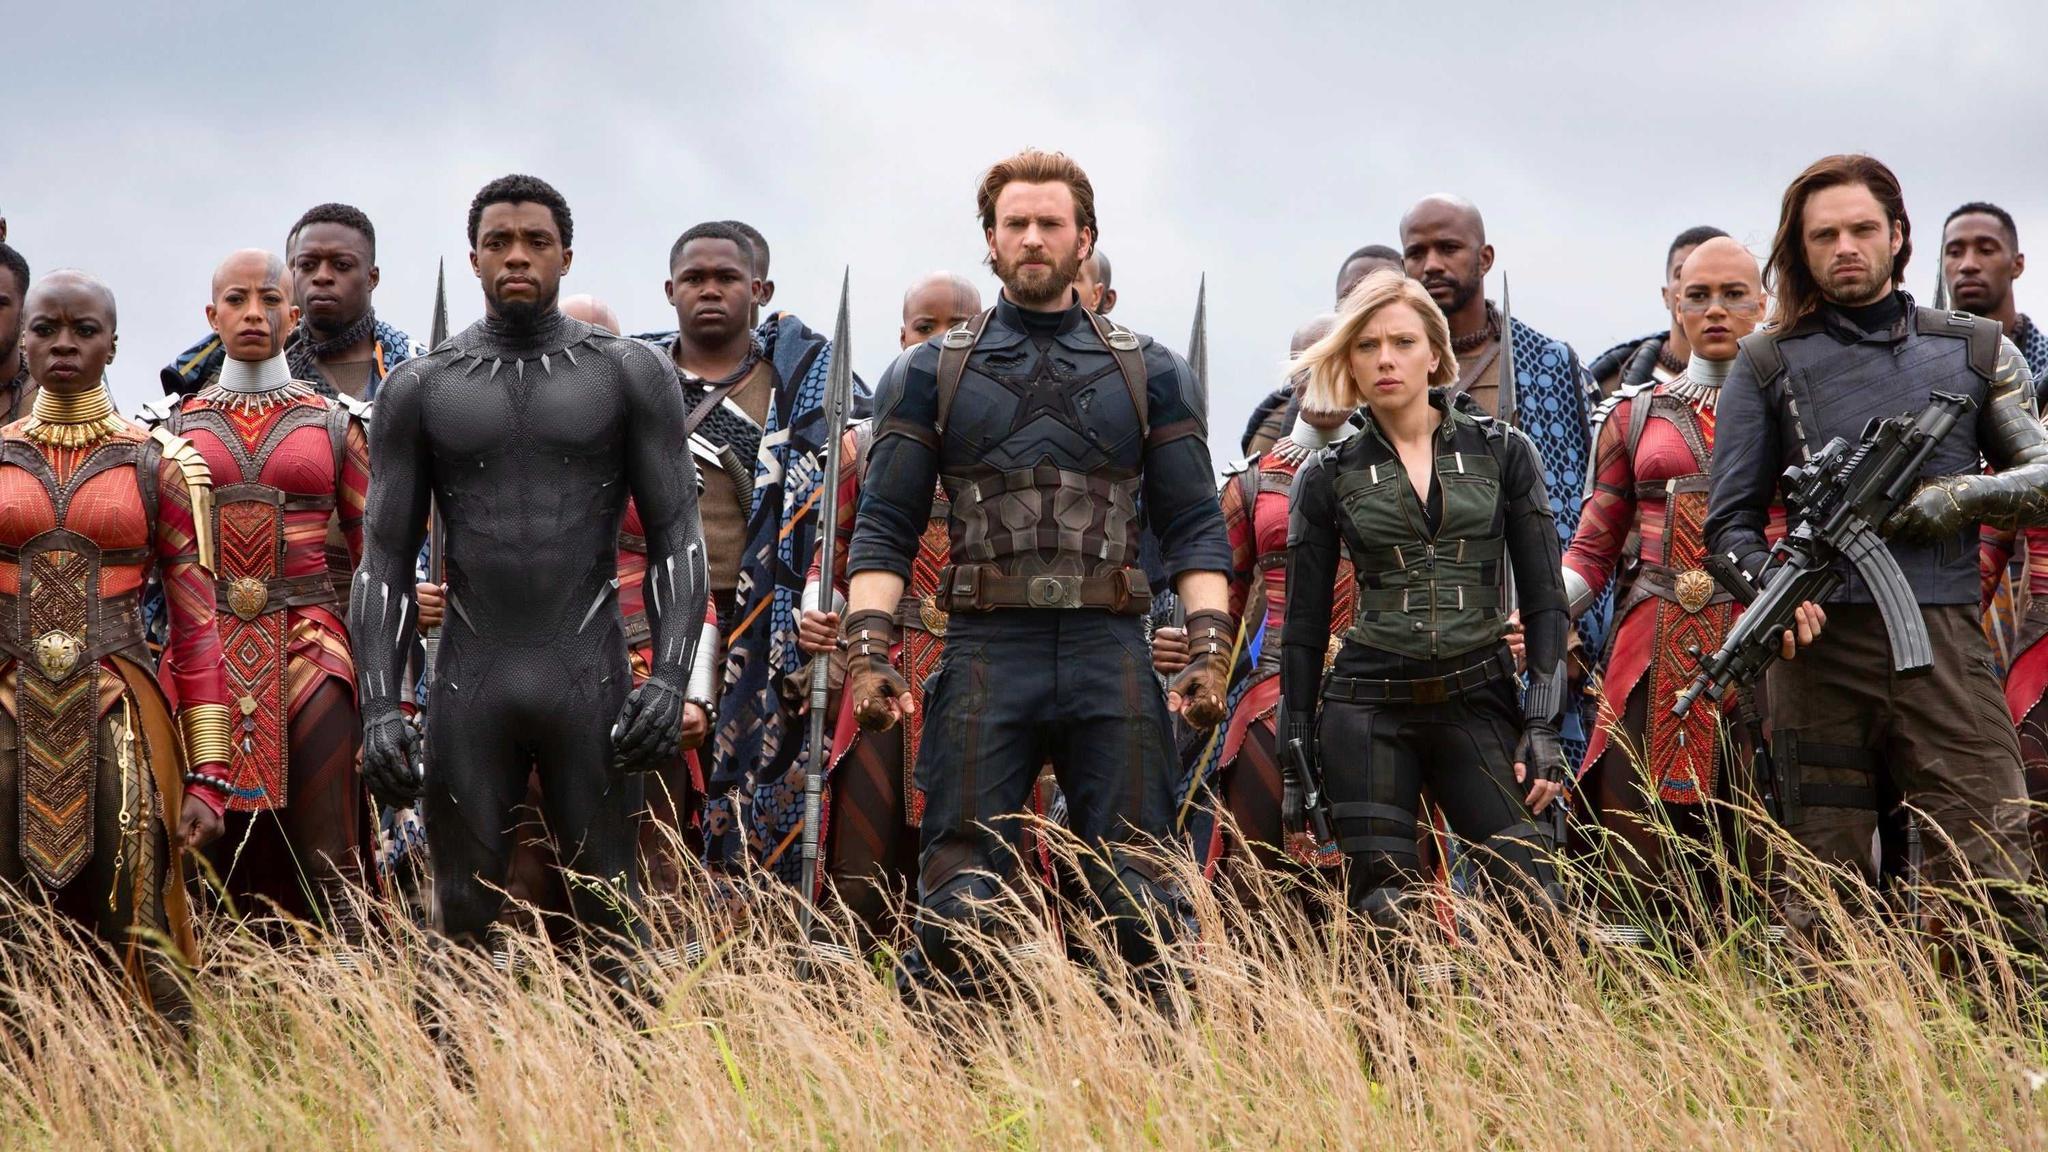 《复仇者联盟3》为何敢称最强超级英雄电影,网友:实至